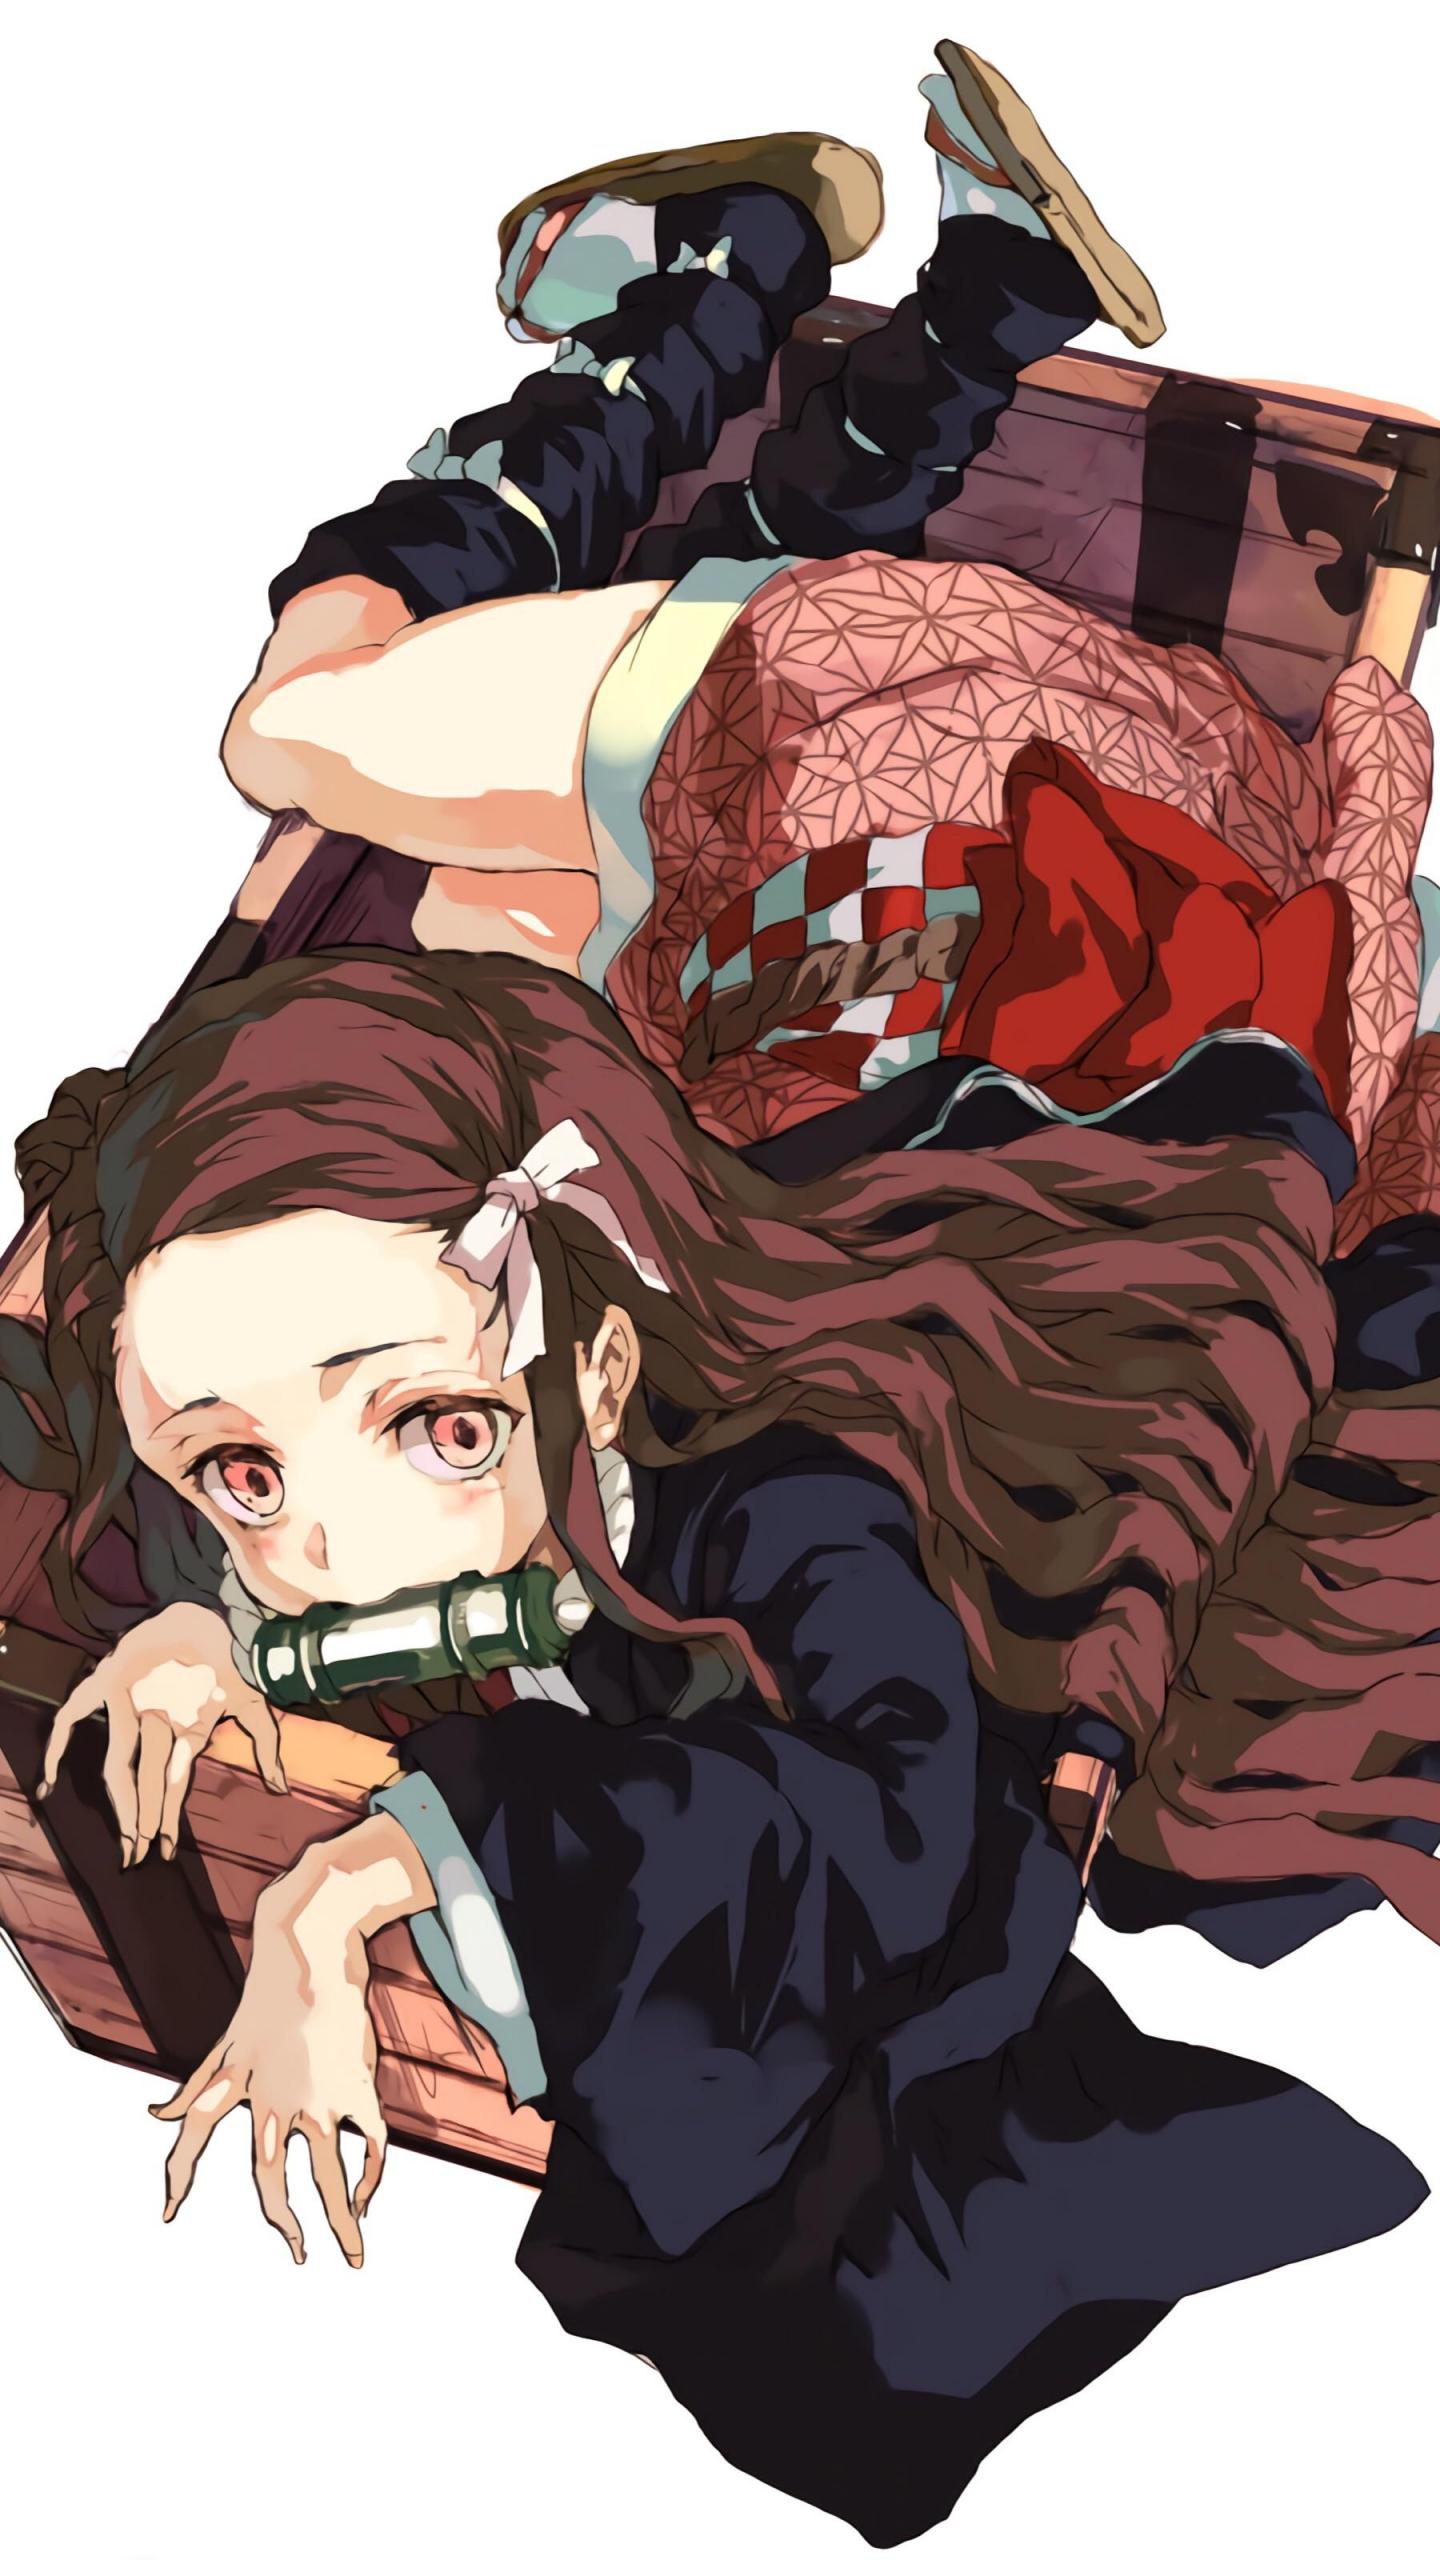 Free Download Nezuko Kamado Demon Slayer Kimetsu No Yaiba